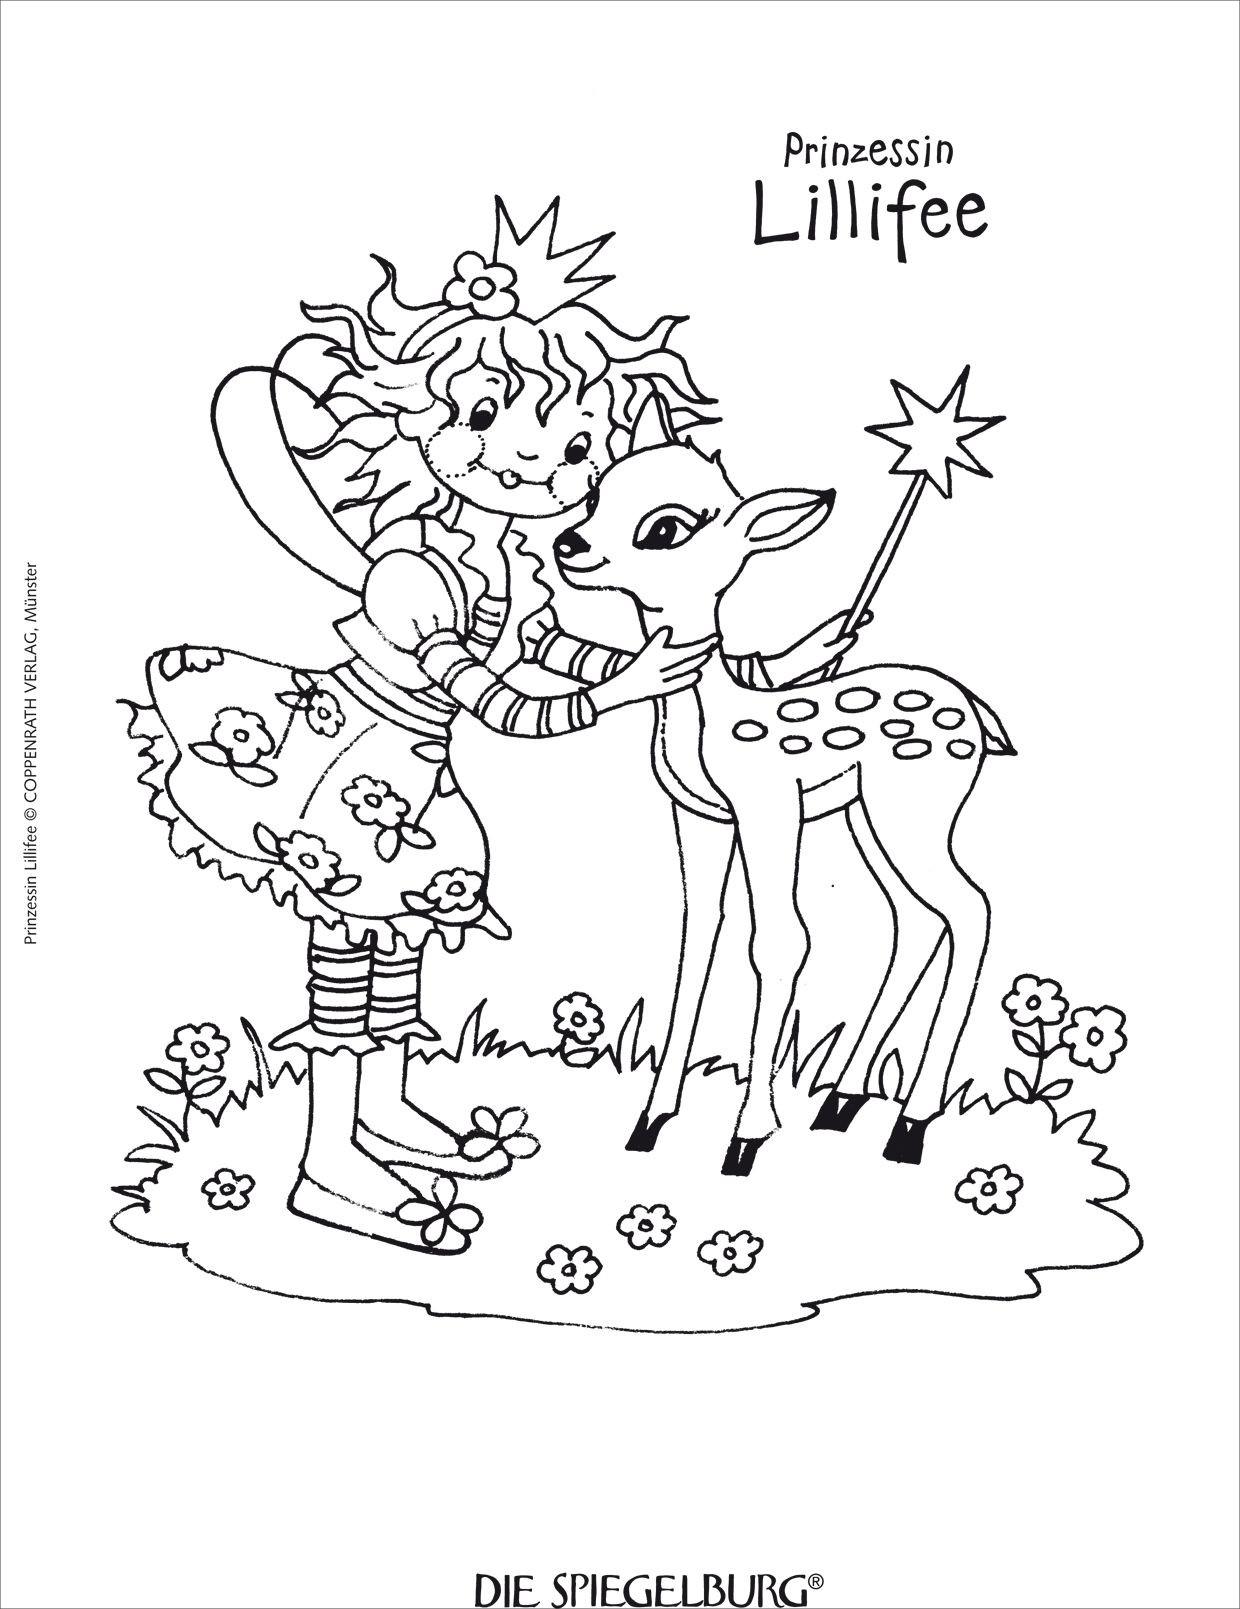 Ausmalbilder Prinzessin Meerjungfrau Das Beste Von Prinzessin Lillifee Ausmalbilder Und Malvorlagen 87dx Stock